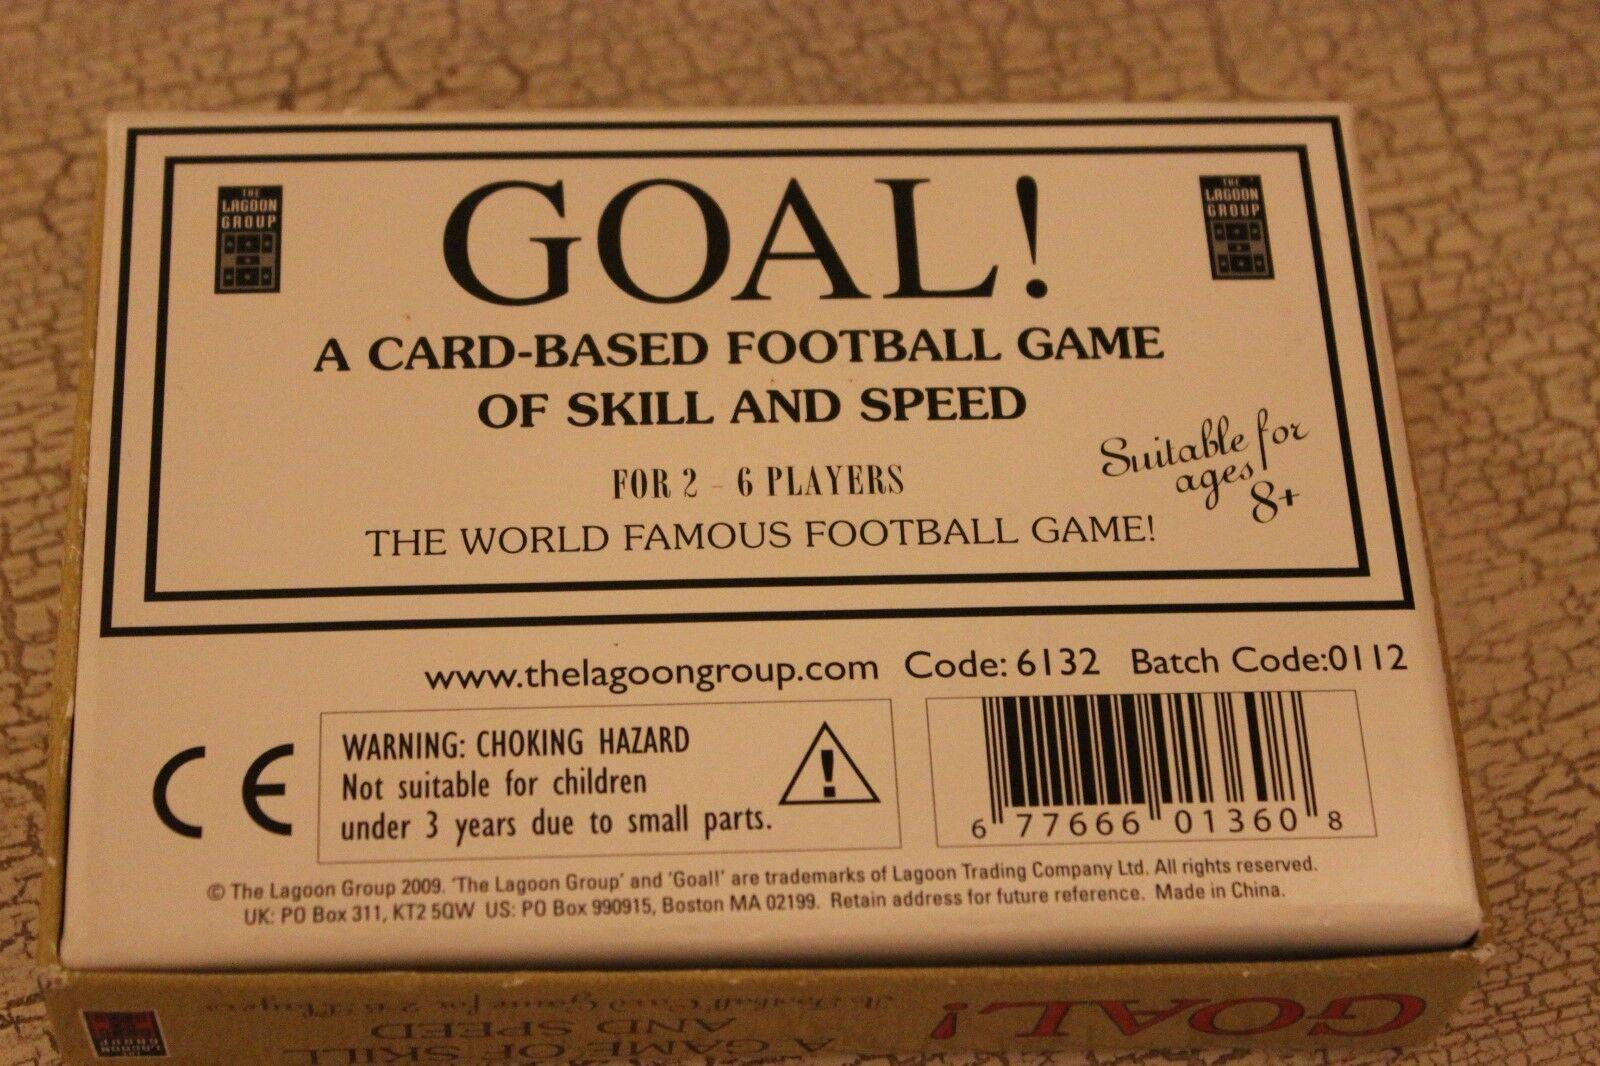 La La La passion illumine Noël, tous les bons cadeaux sont en Irak. Goal! vintage football jeu de carte 9a8112